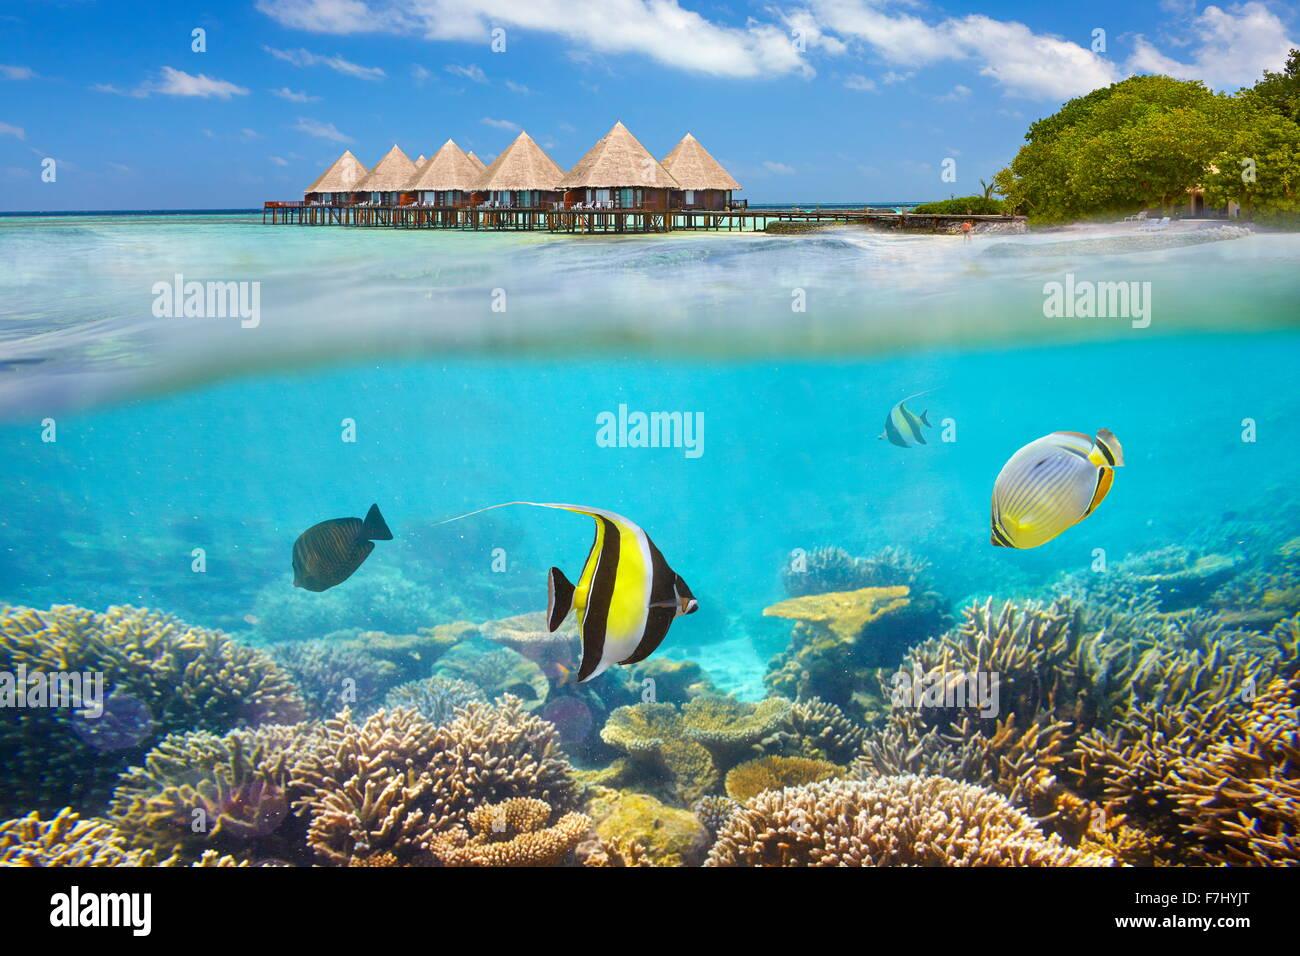 Malediven Insel - Unterwasser-Blick mit Fisch Stockbild